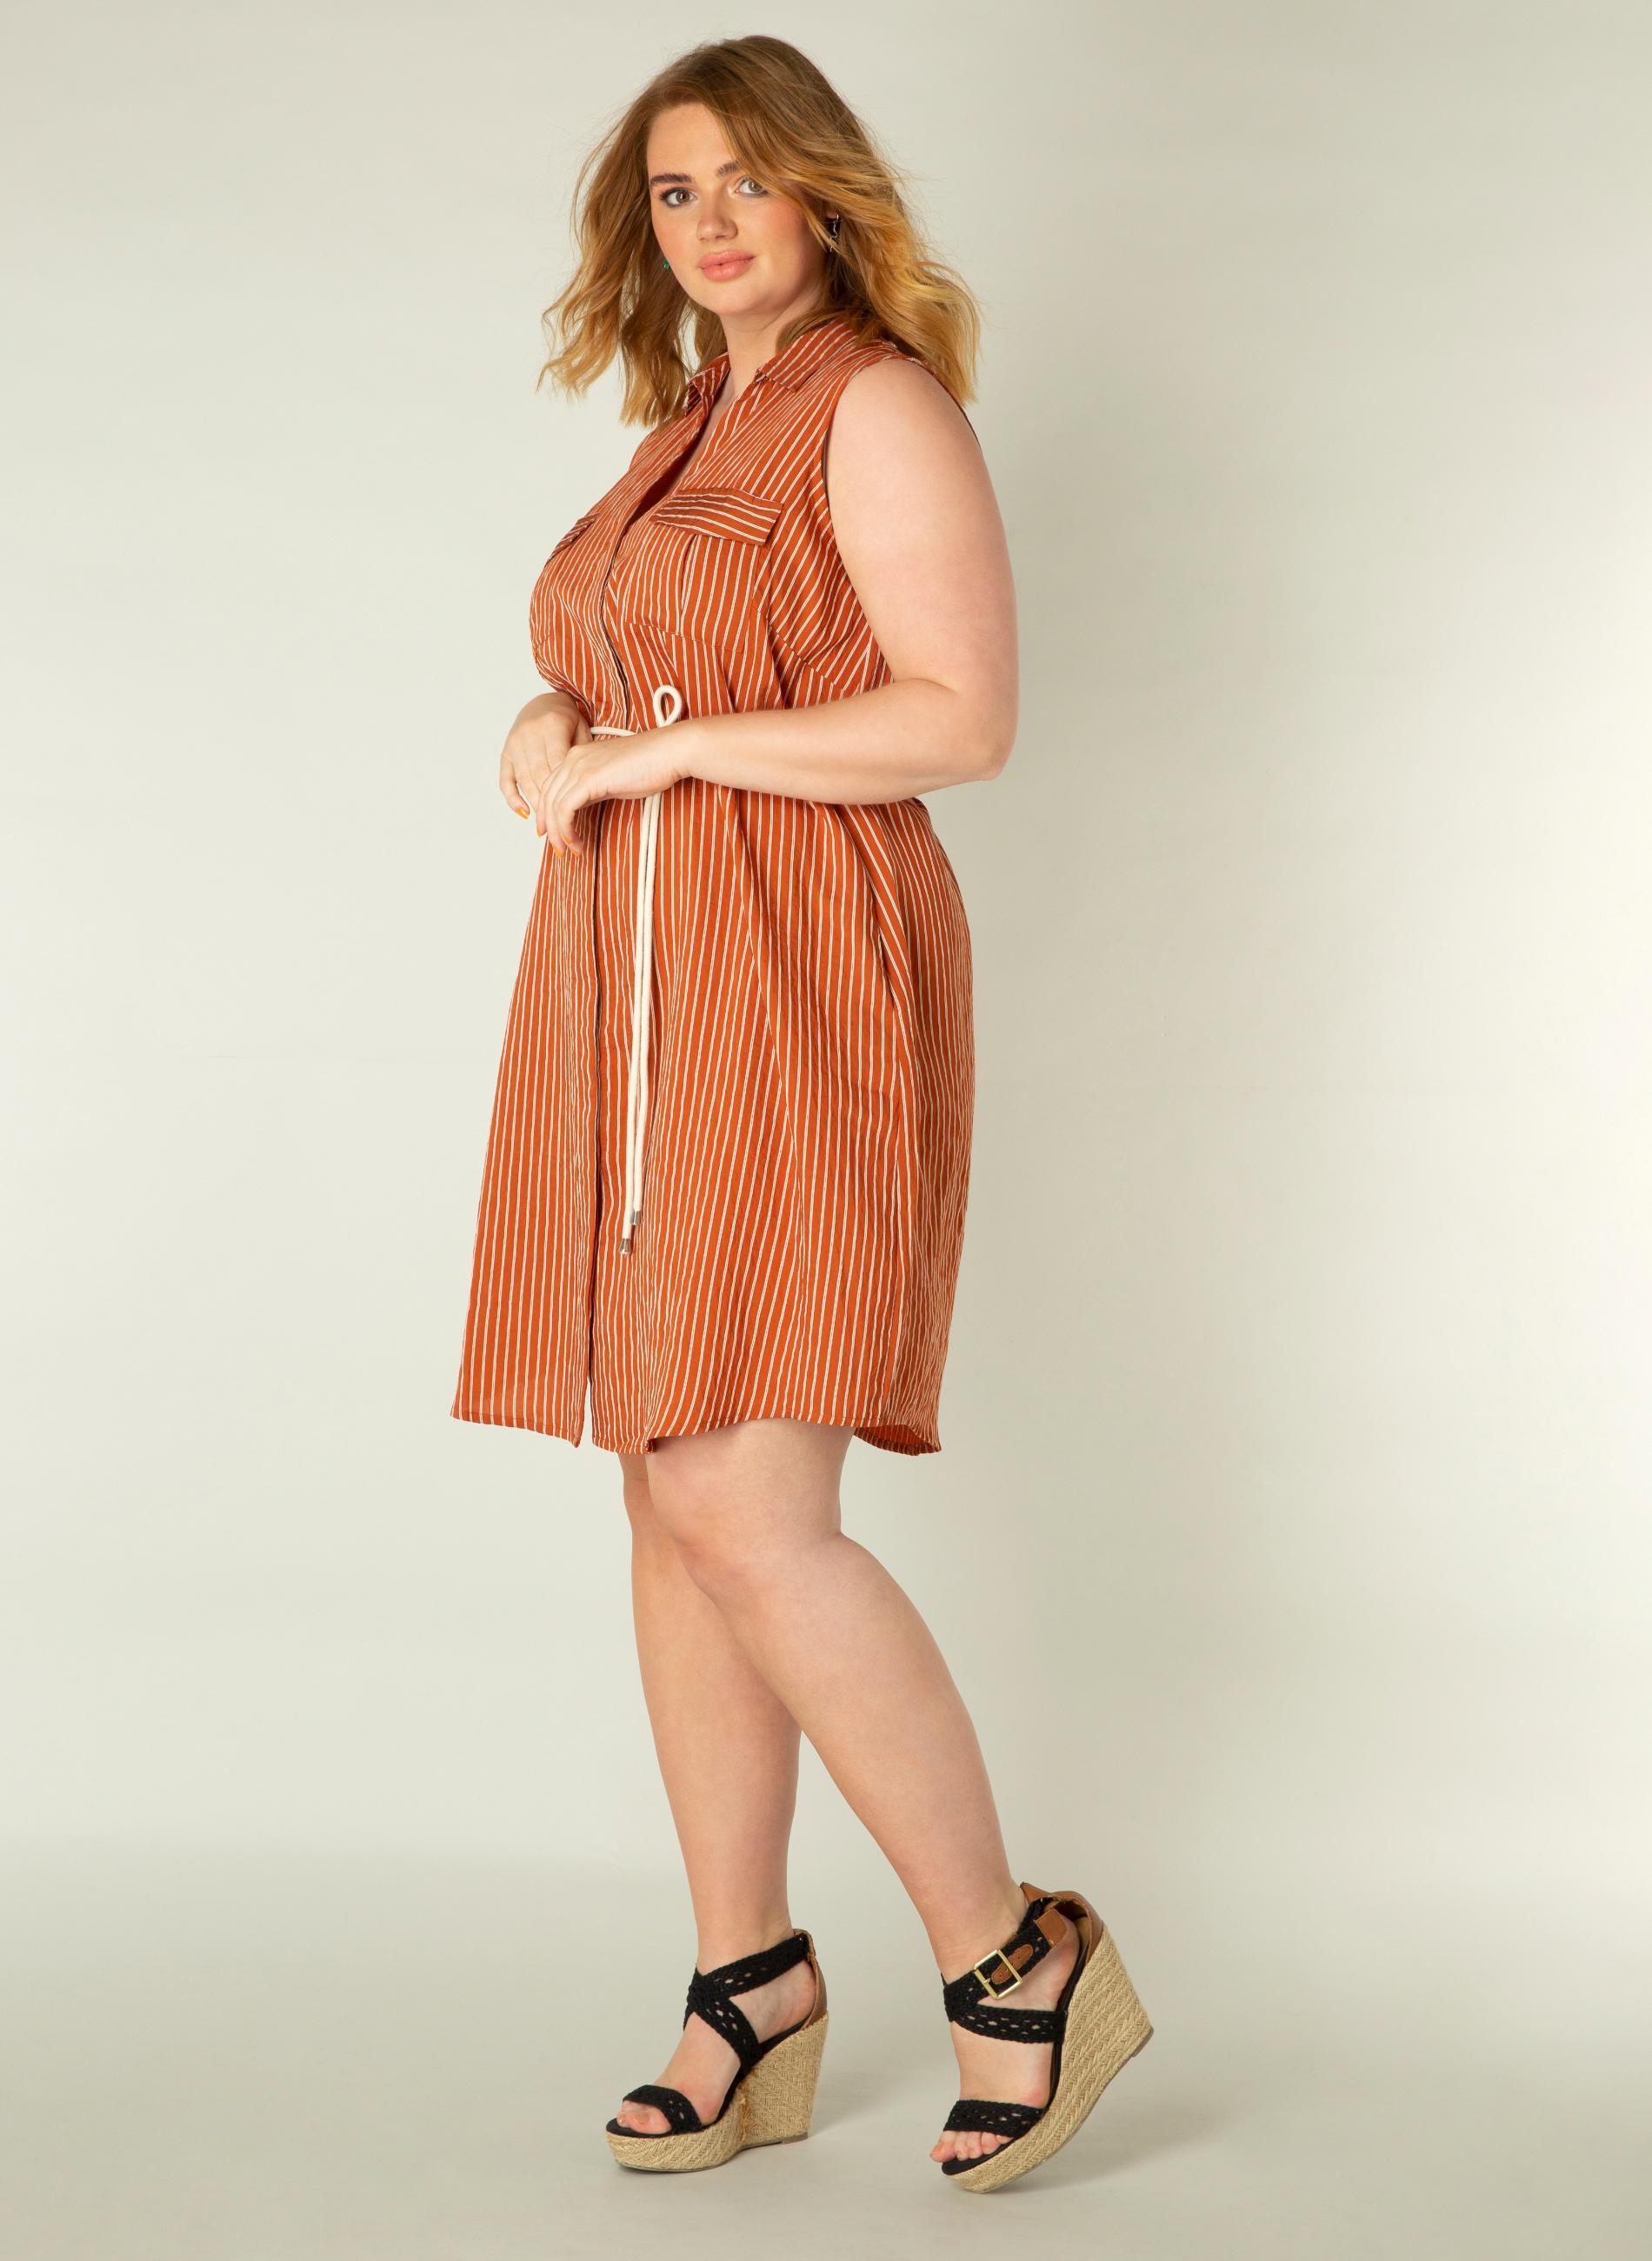 Yesta jurk Leanne 108 cm